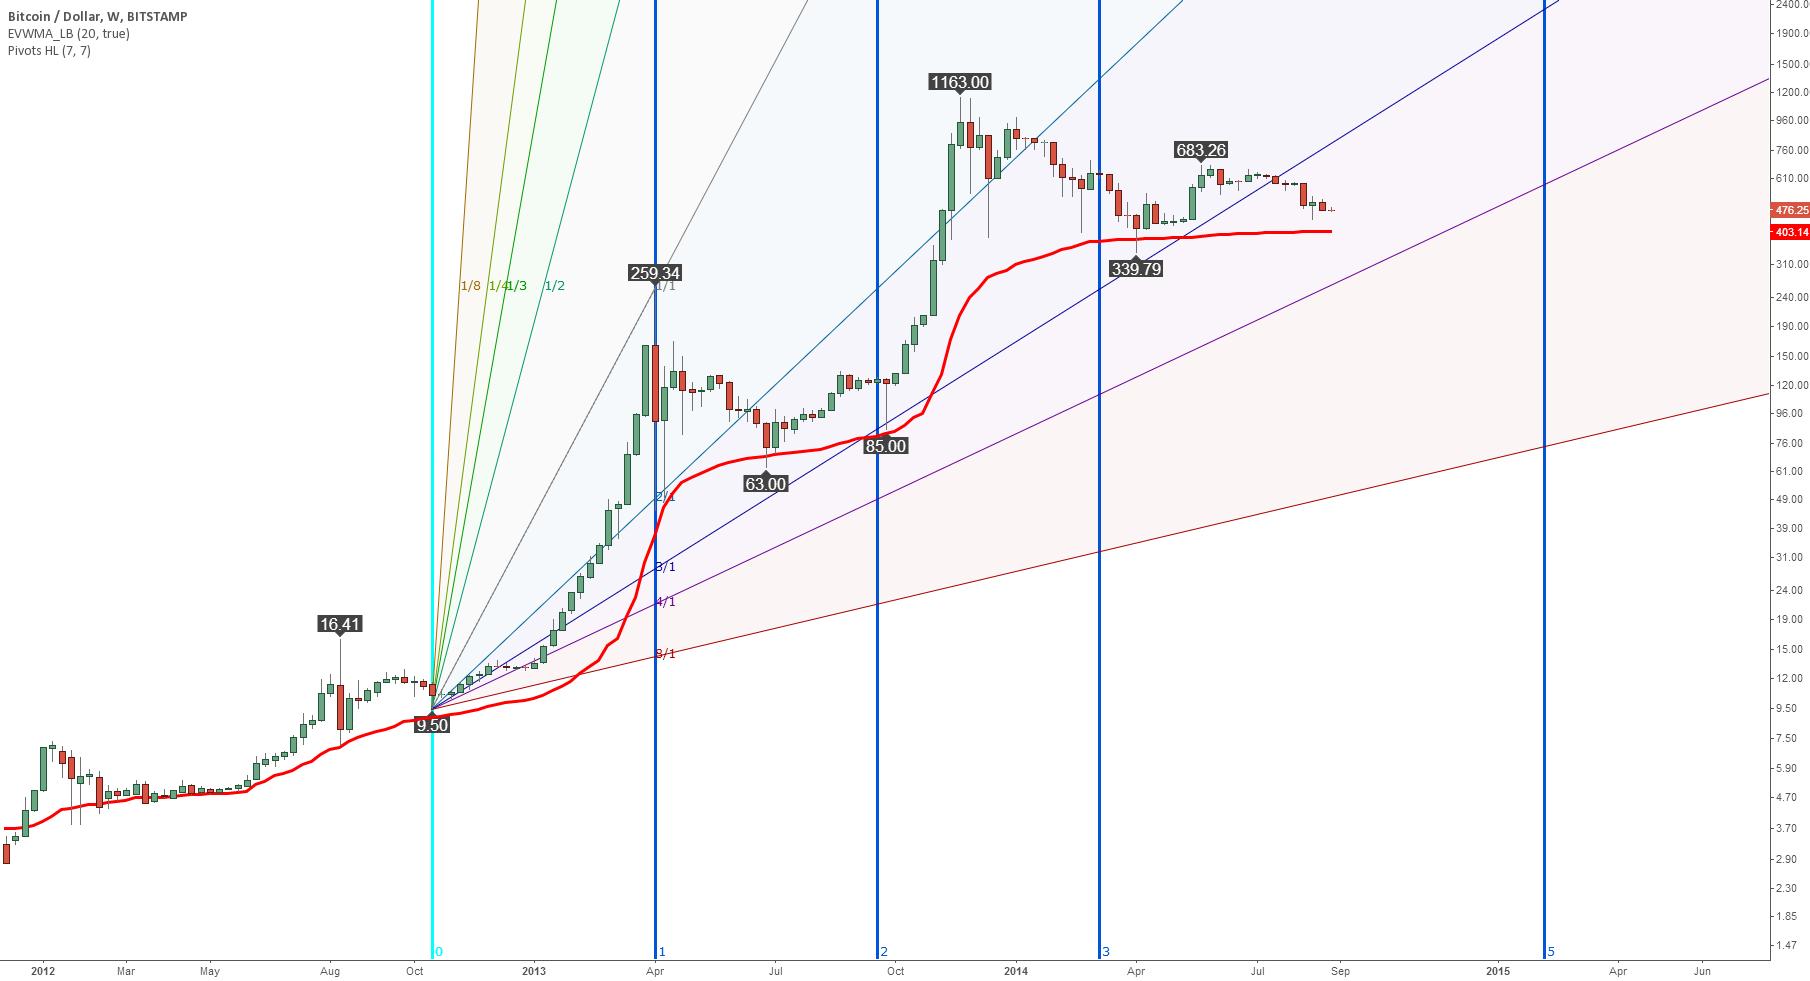 Predicting the next Bitcoin bubble with Fibonacci time zones